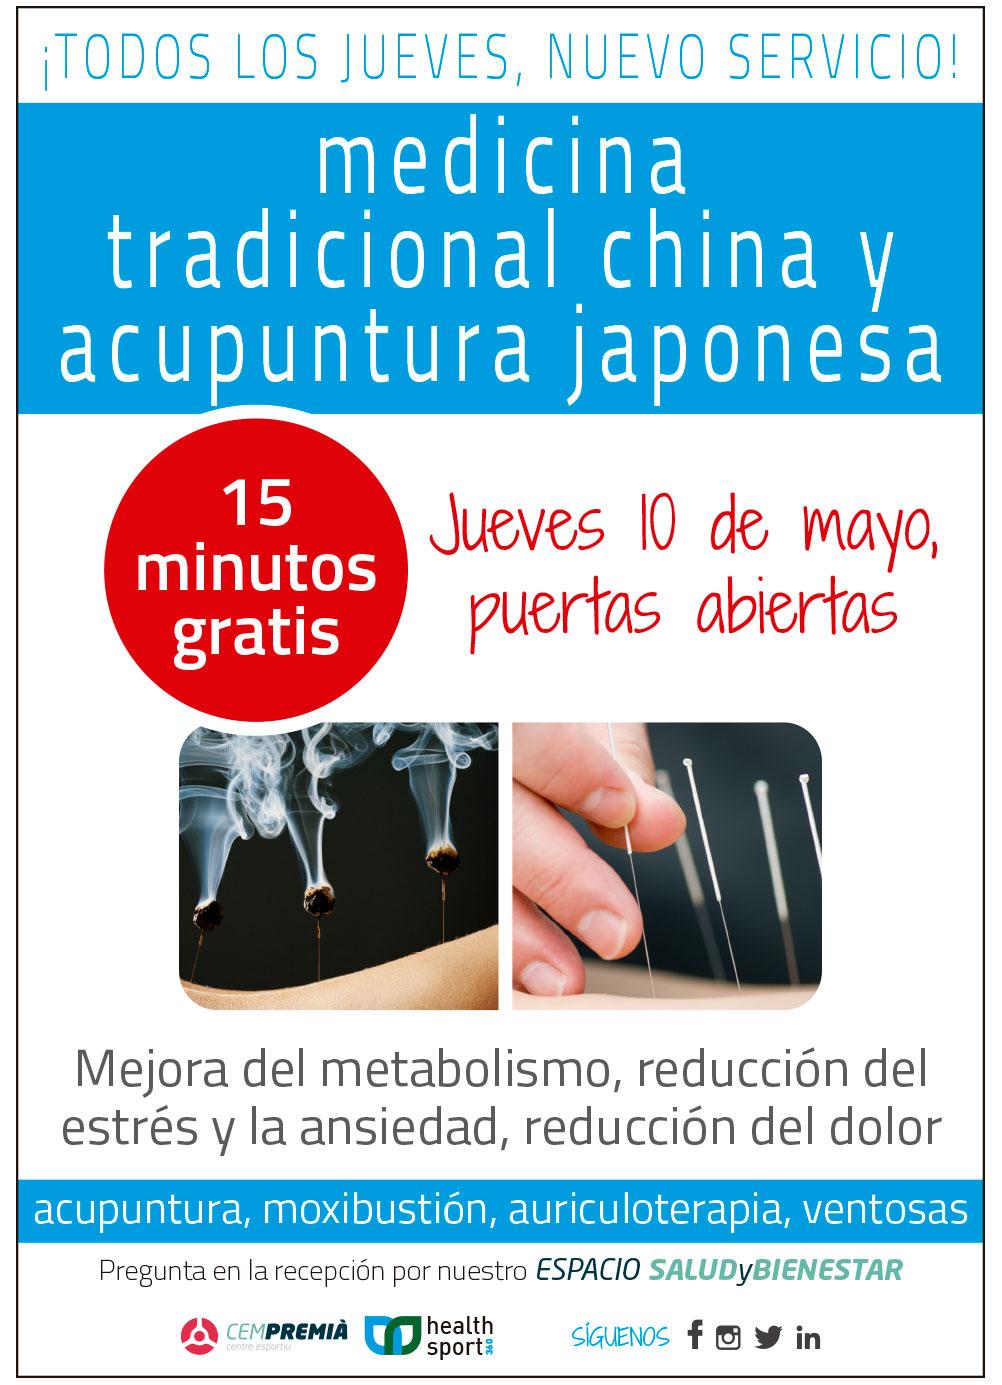 Medicina Tradicional china y acupuntura japonesa 10 de mayo